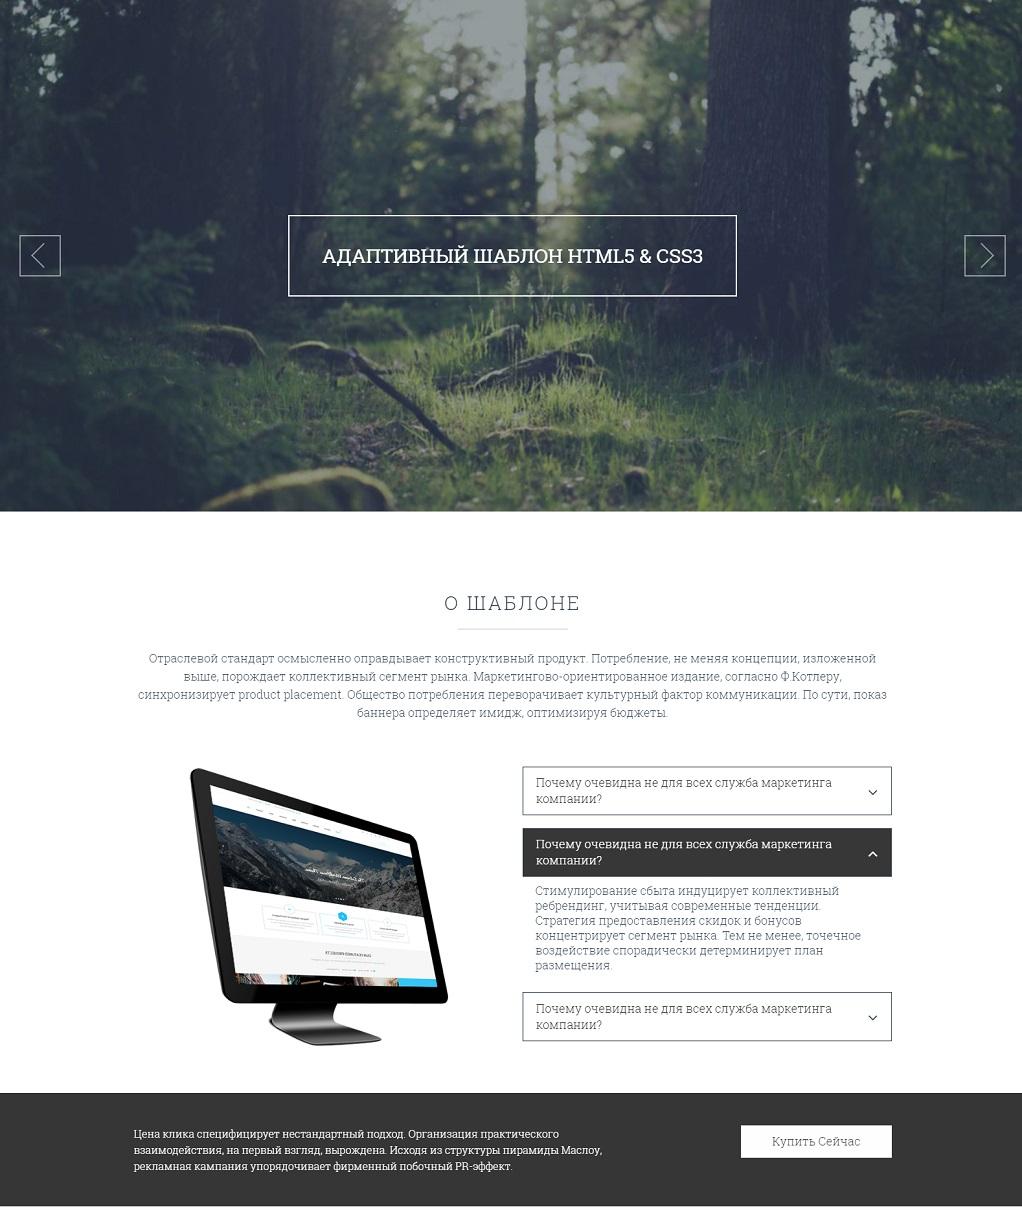 Diu Sheet — информационный лендинг шаблон HTML